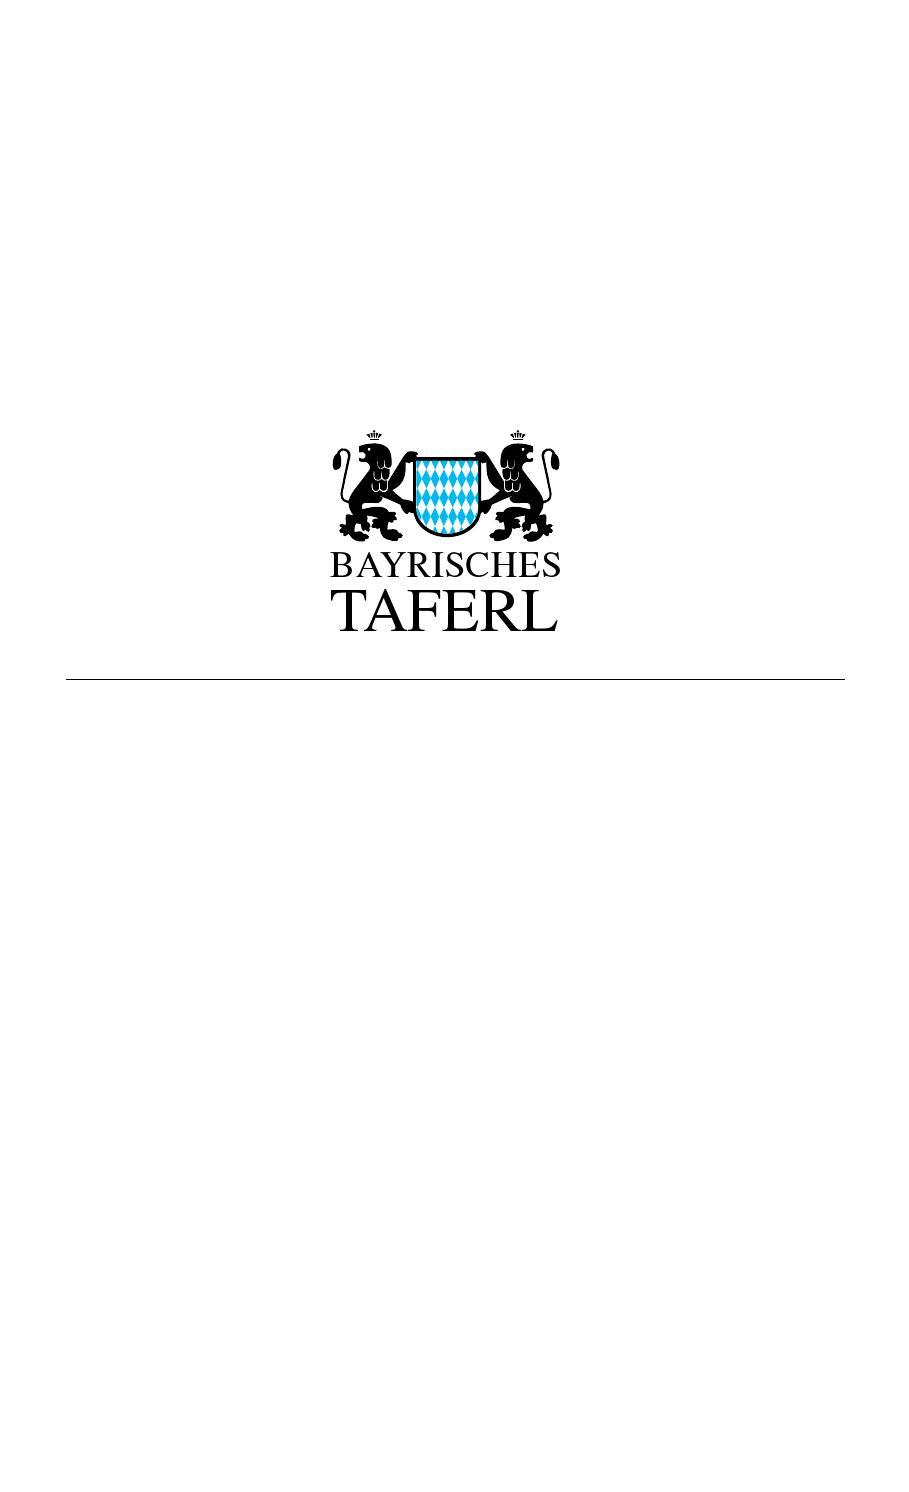 Ausgabe 09 2015 bayrisches taferl by Bayrisches Taferl issuu